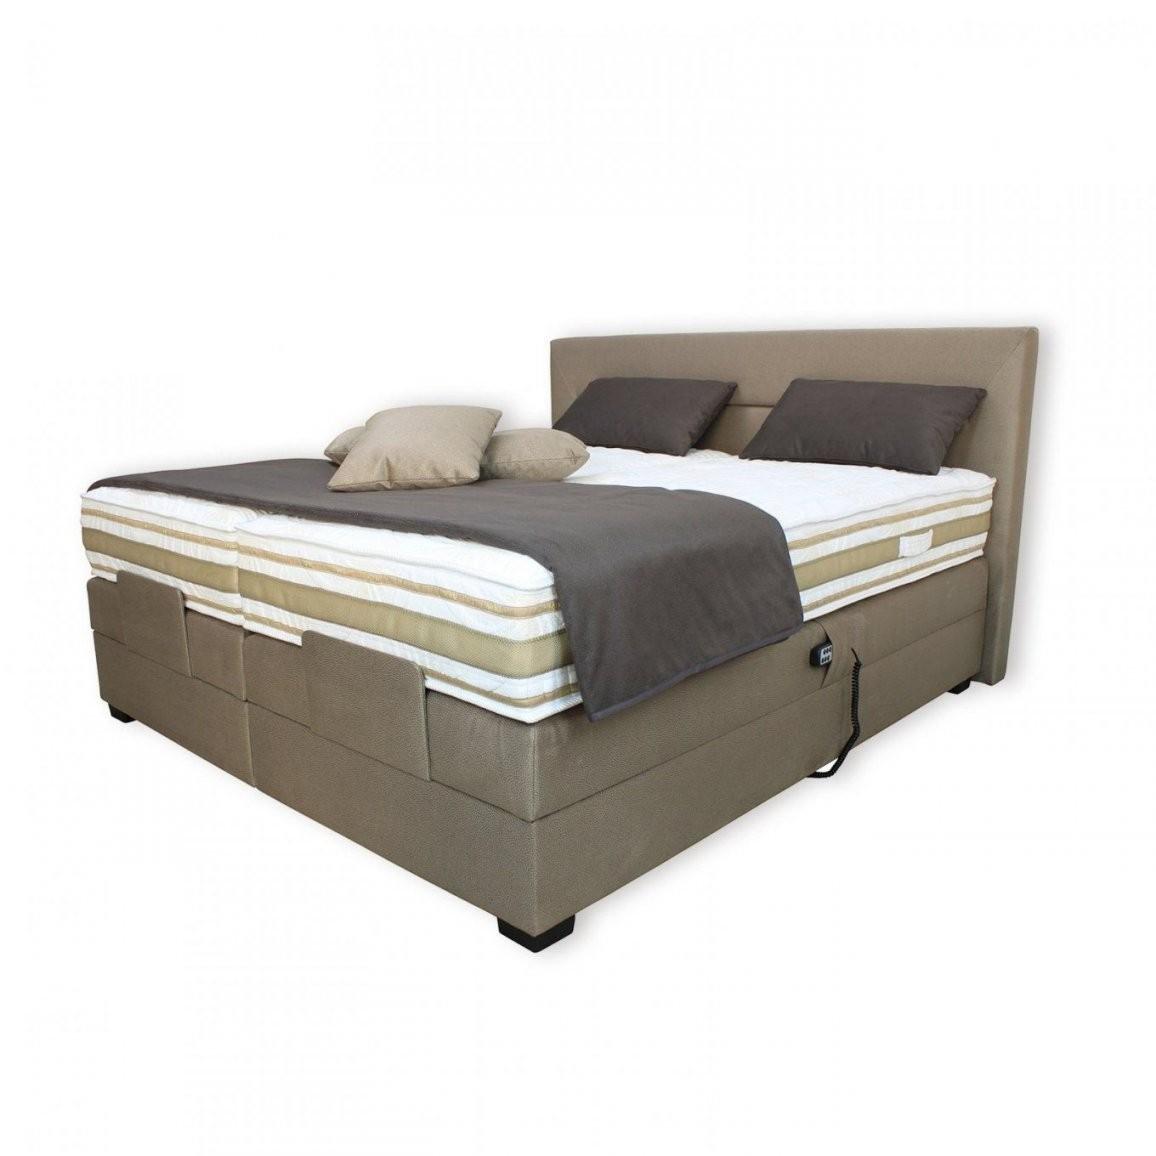 boxspringbett blau 140 cm online bei poco kaufen von boxspringbett 140x200 preisvergleich bild. Black Bedroom Furniture Sets. Home Design Ideas